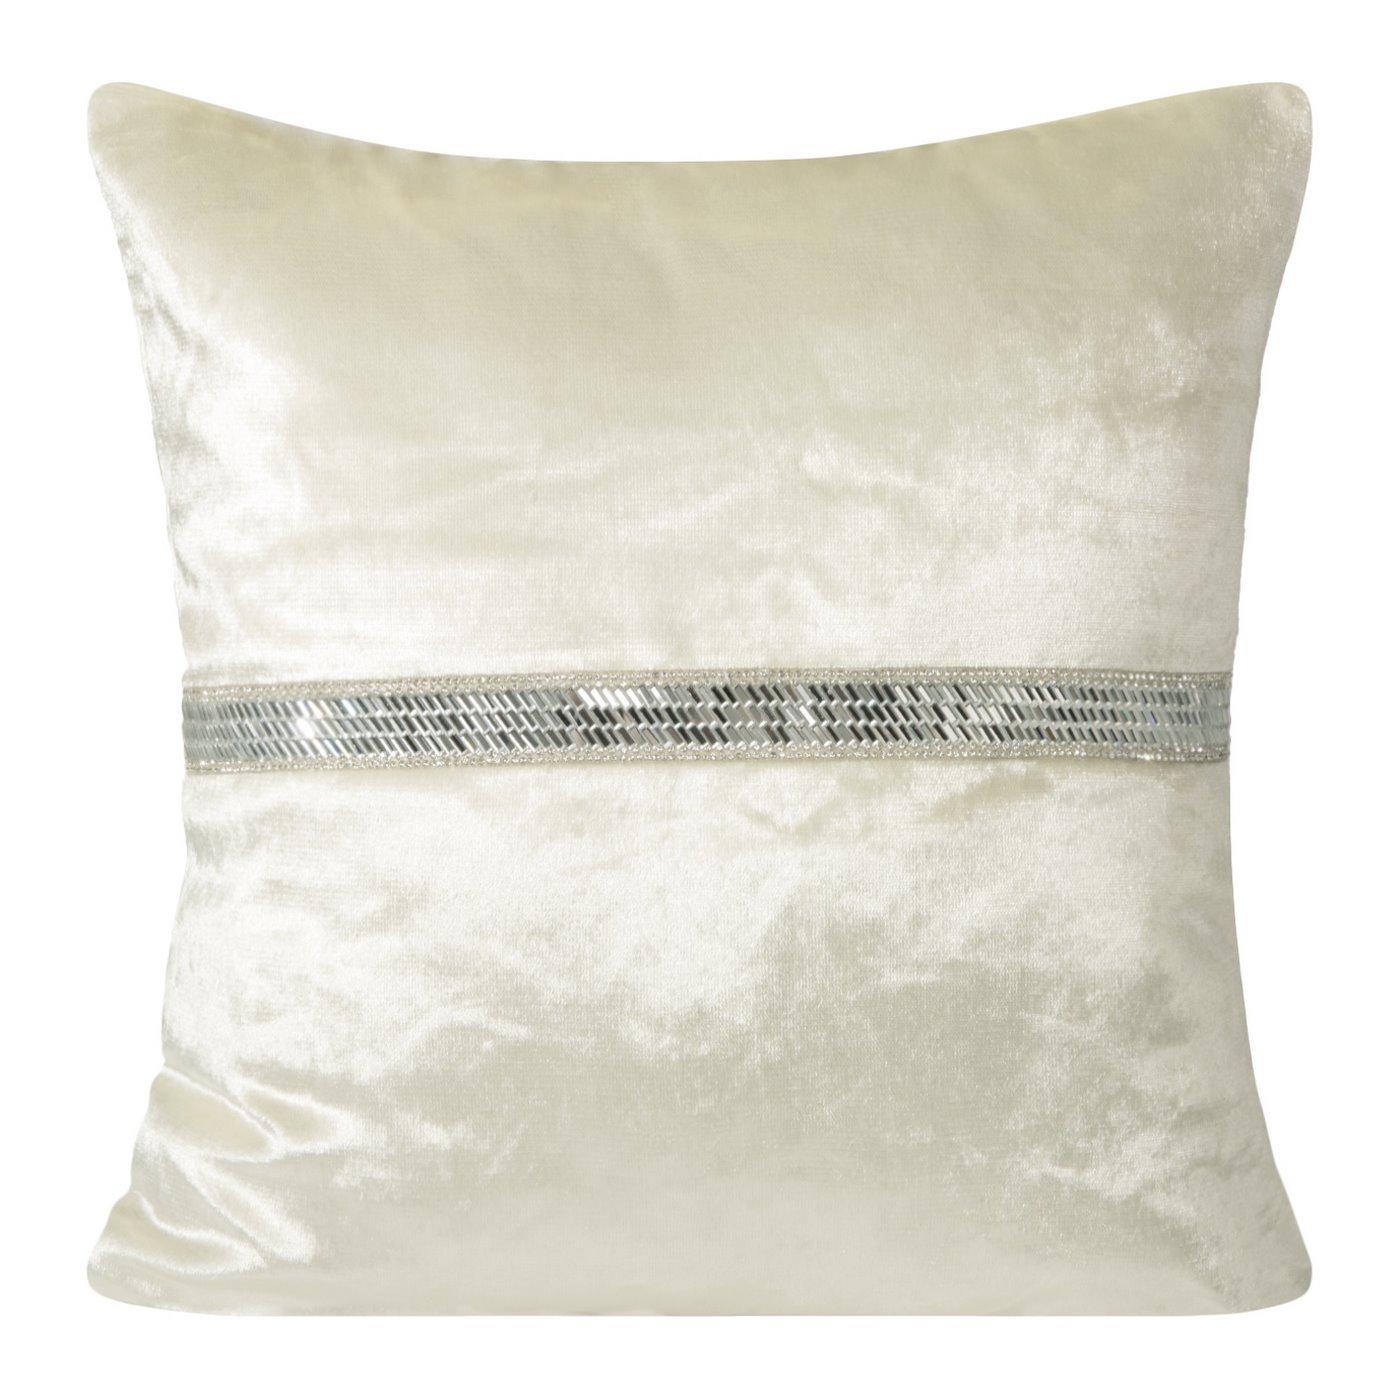 Poszewka na poduszkę kremowa ze srebrnym paskiem 40 x 40 cm